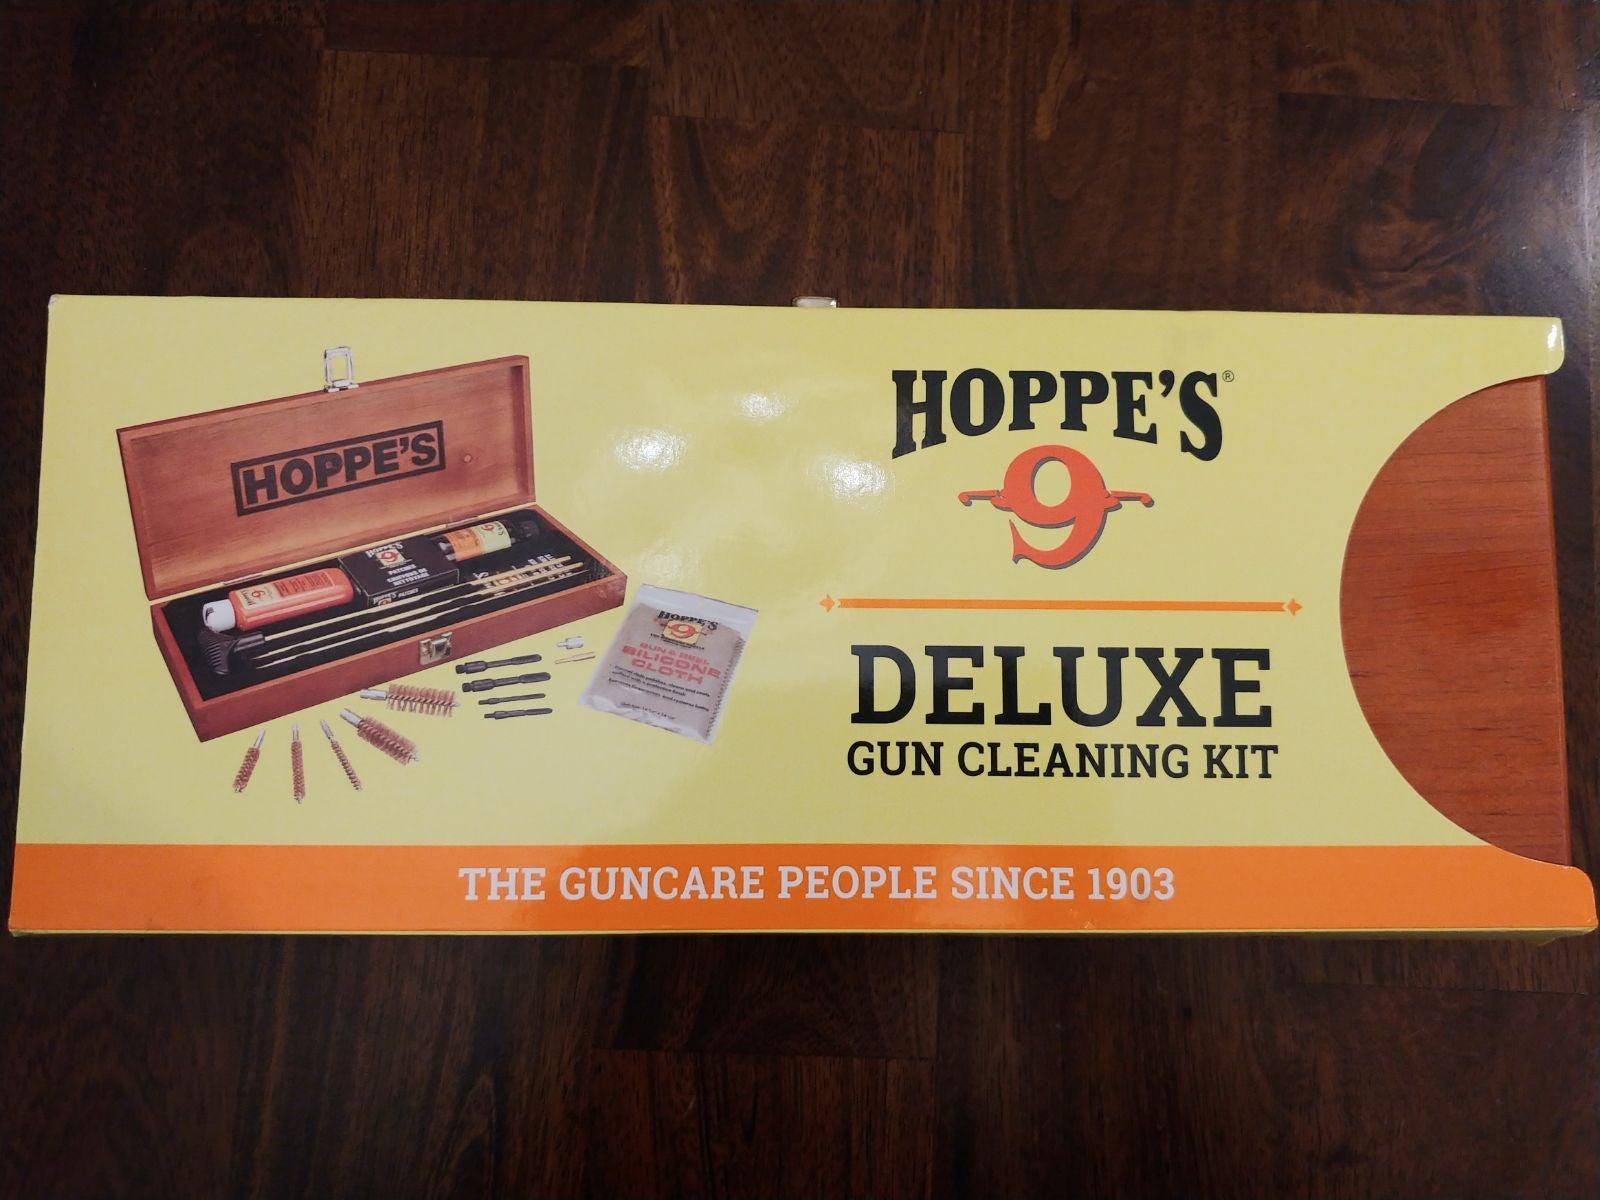 Hoppes Deluxe Gun Cleaning Kit